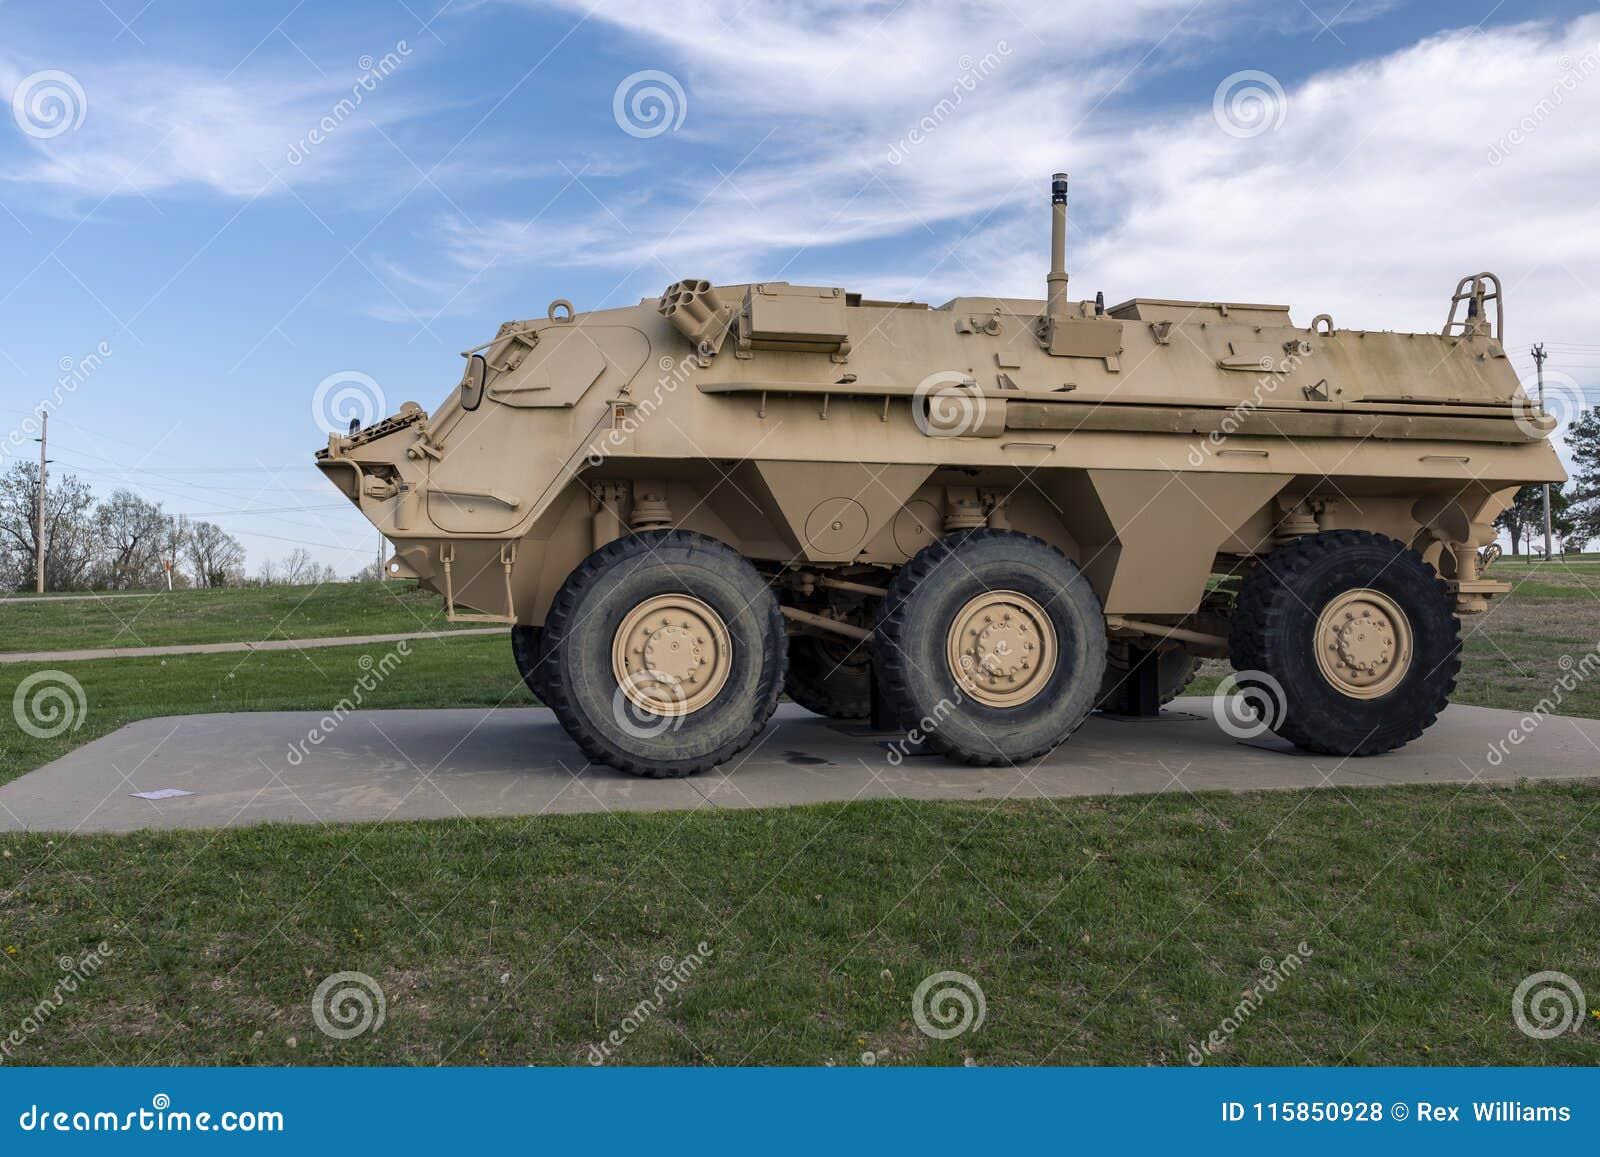 BOIS DE LÉONARD DE FORT, MOIS 29 AVRIL 2018 : RENARD NBCRS du véhicule militaire M93A1